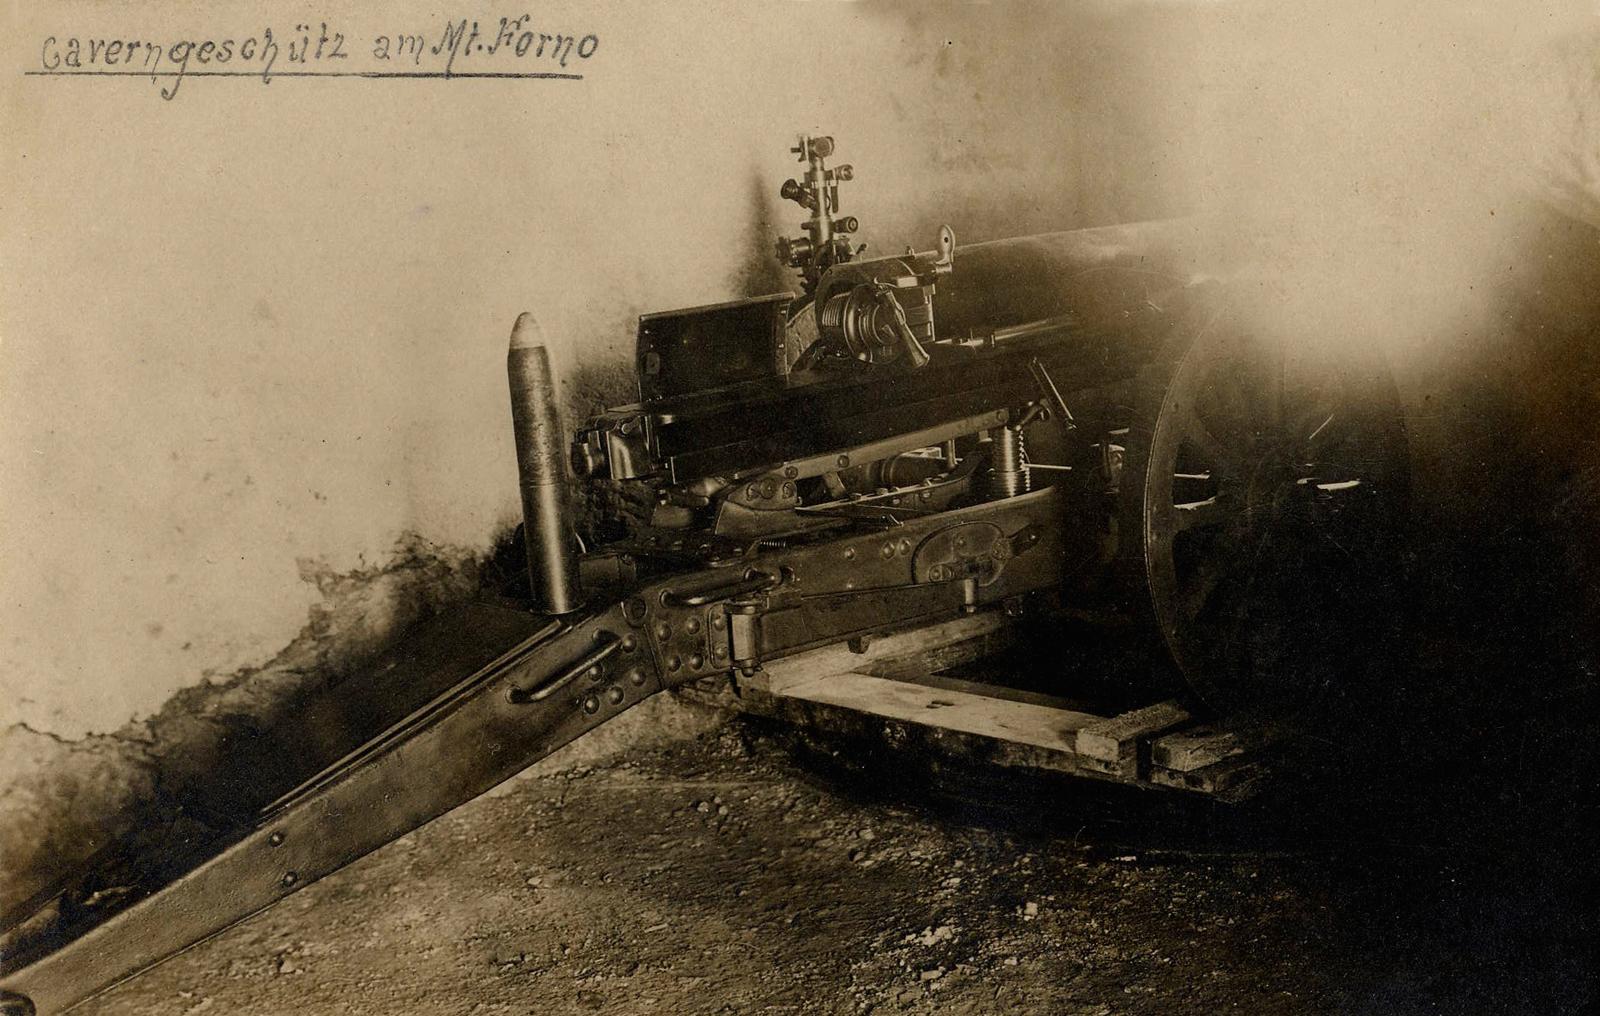 86 - cannone incavernato su M. Forno.JPG